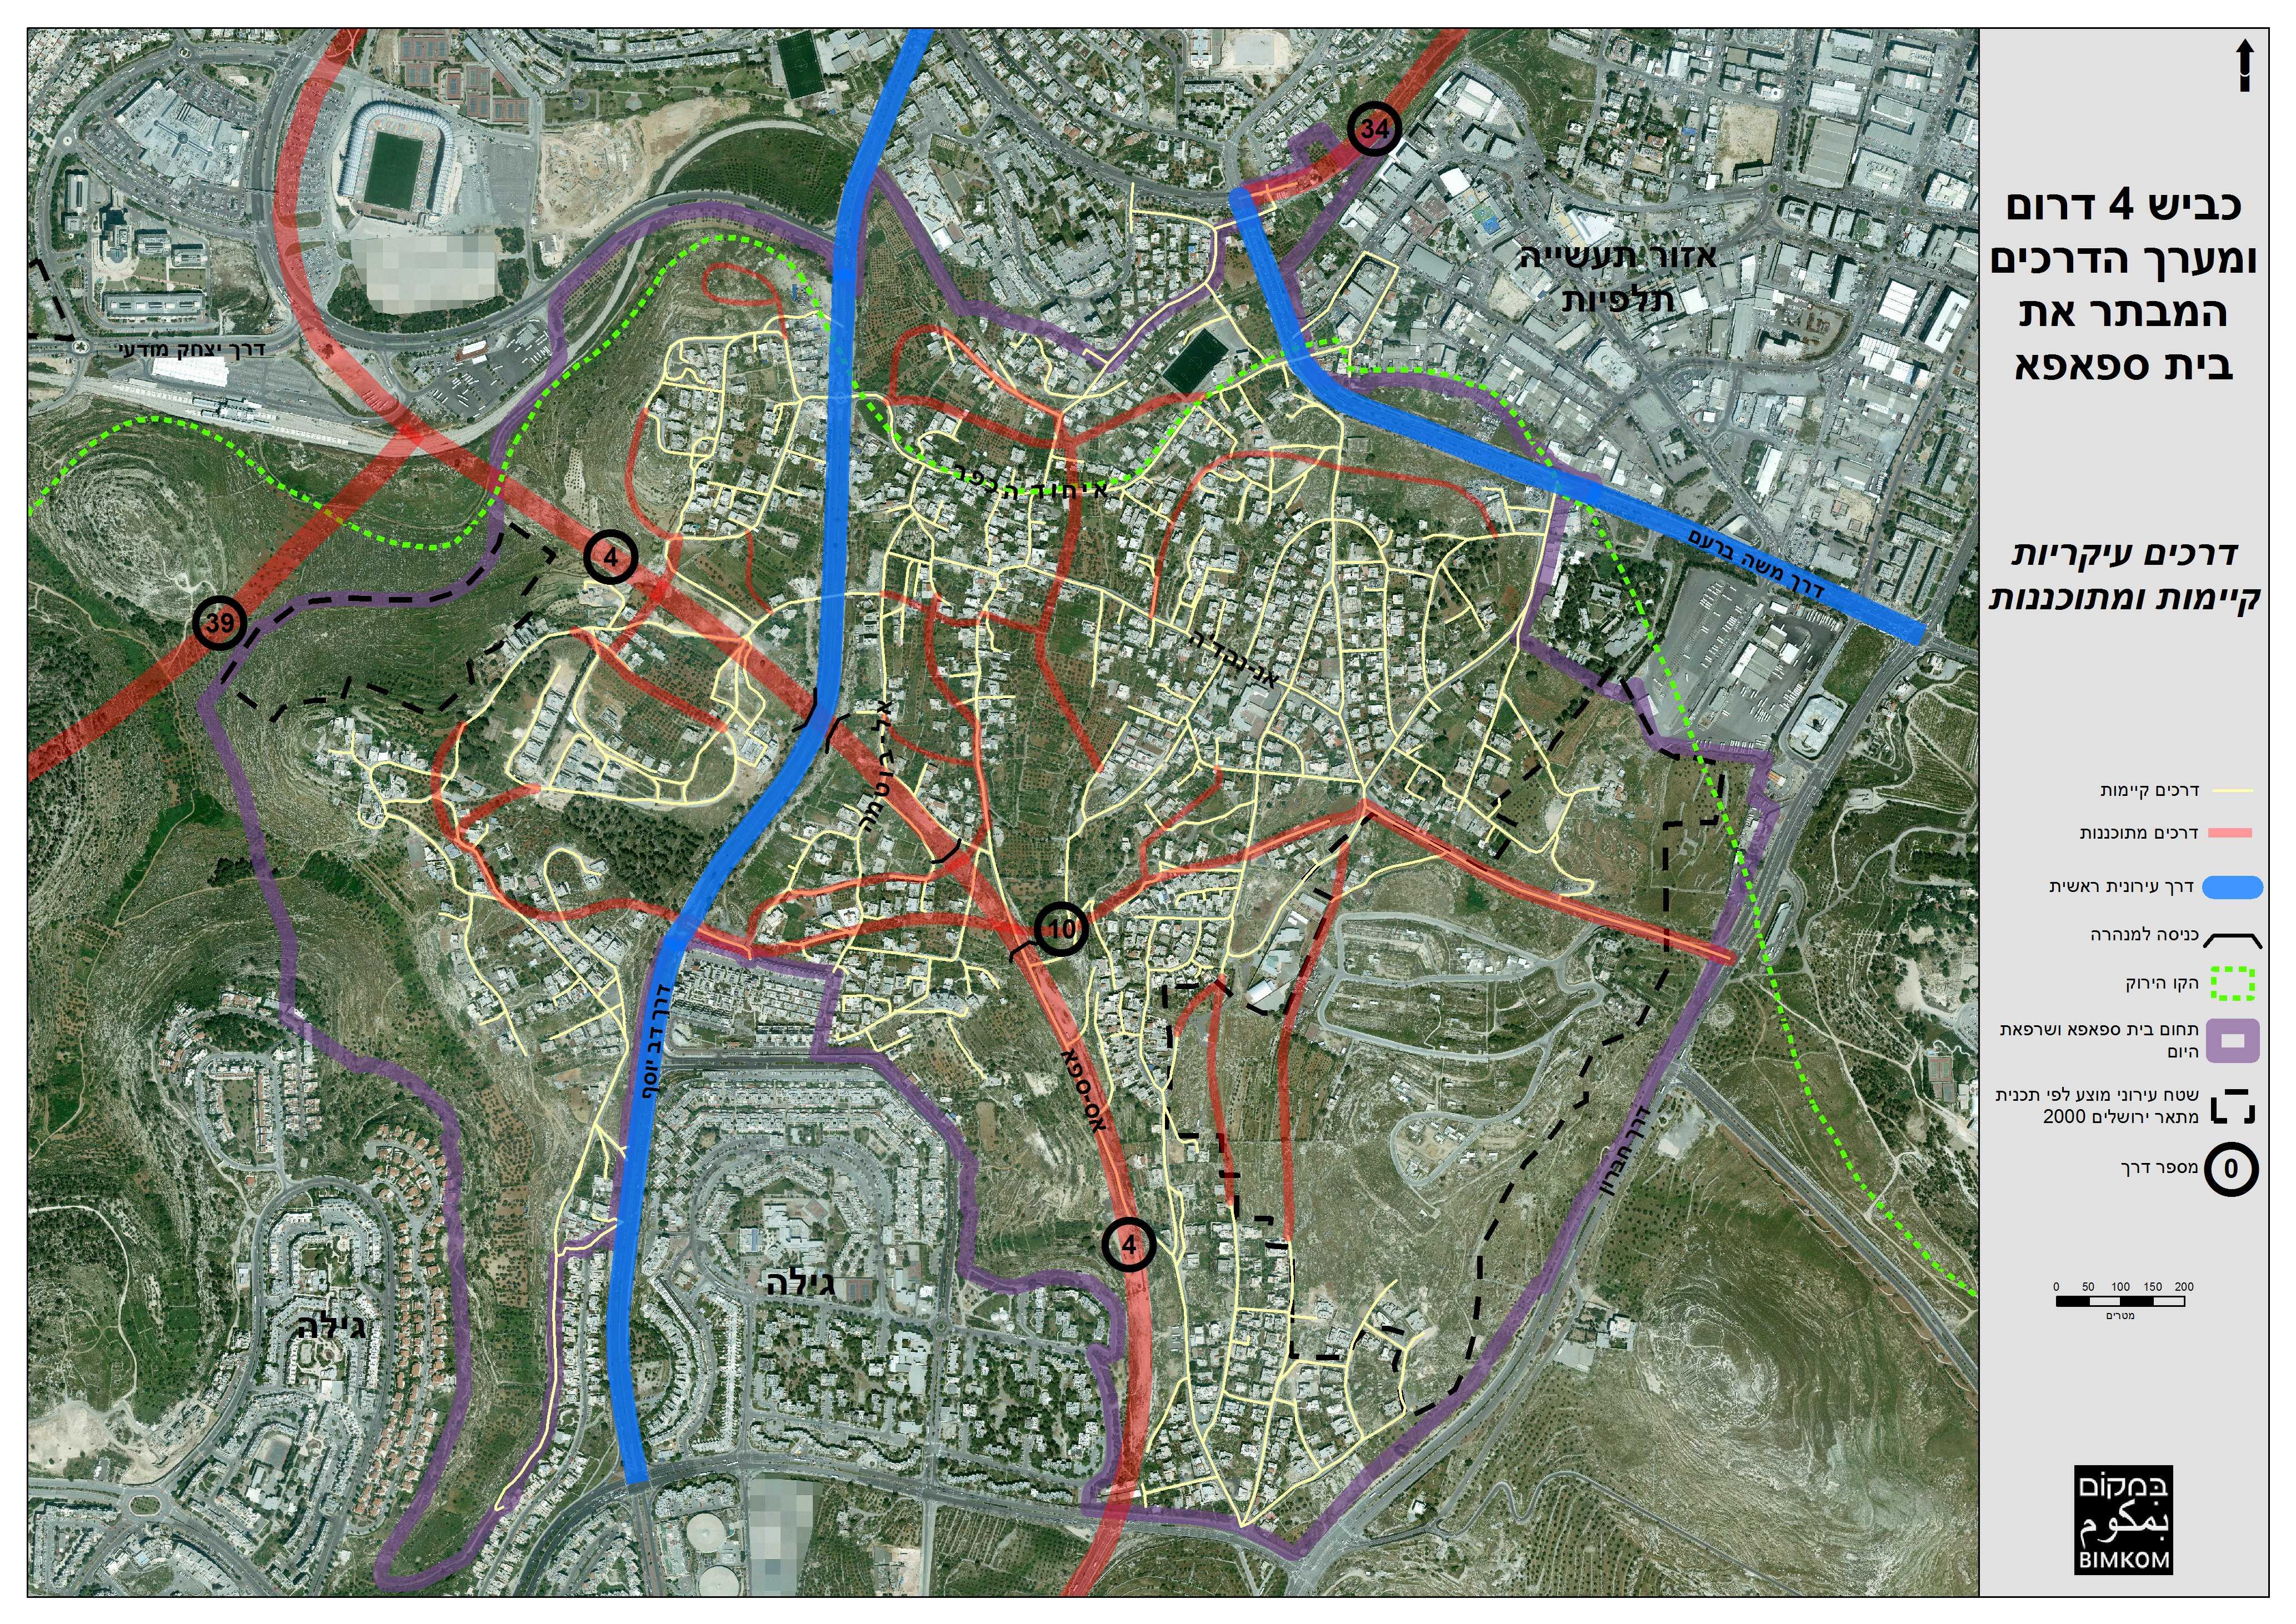 דרכים-עיקריות-קיימות-ומתוכננות-לתושבים-2A3